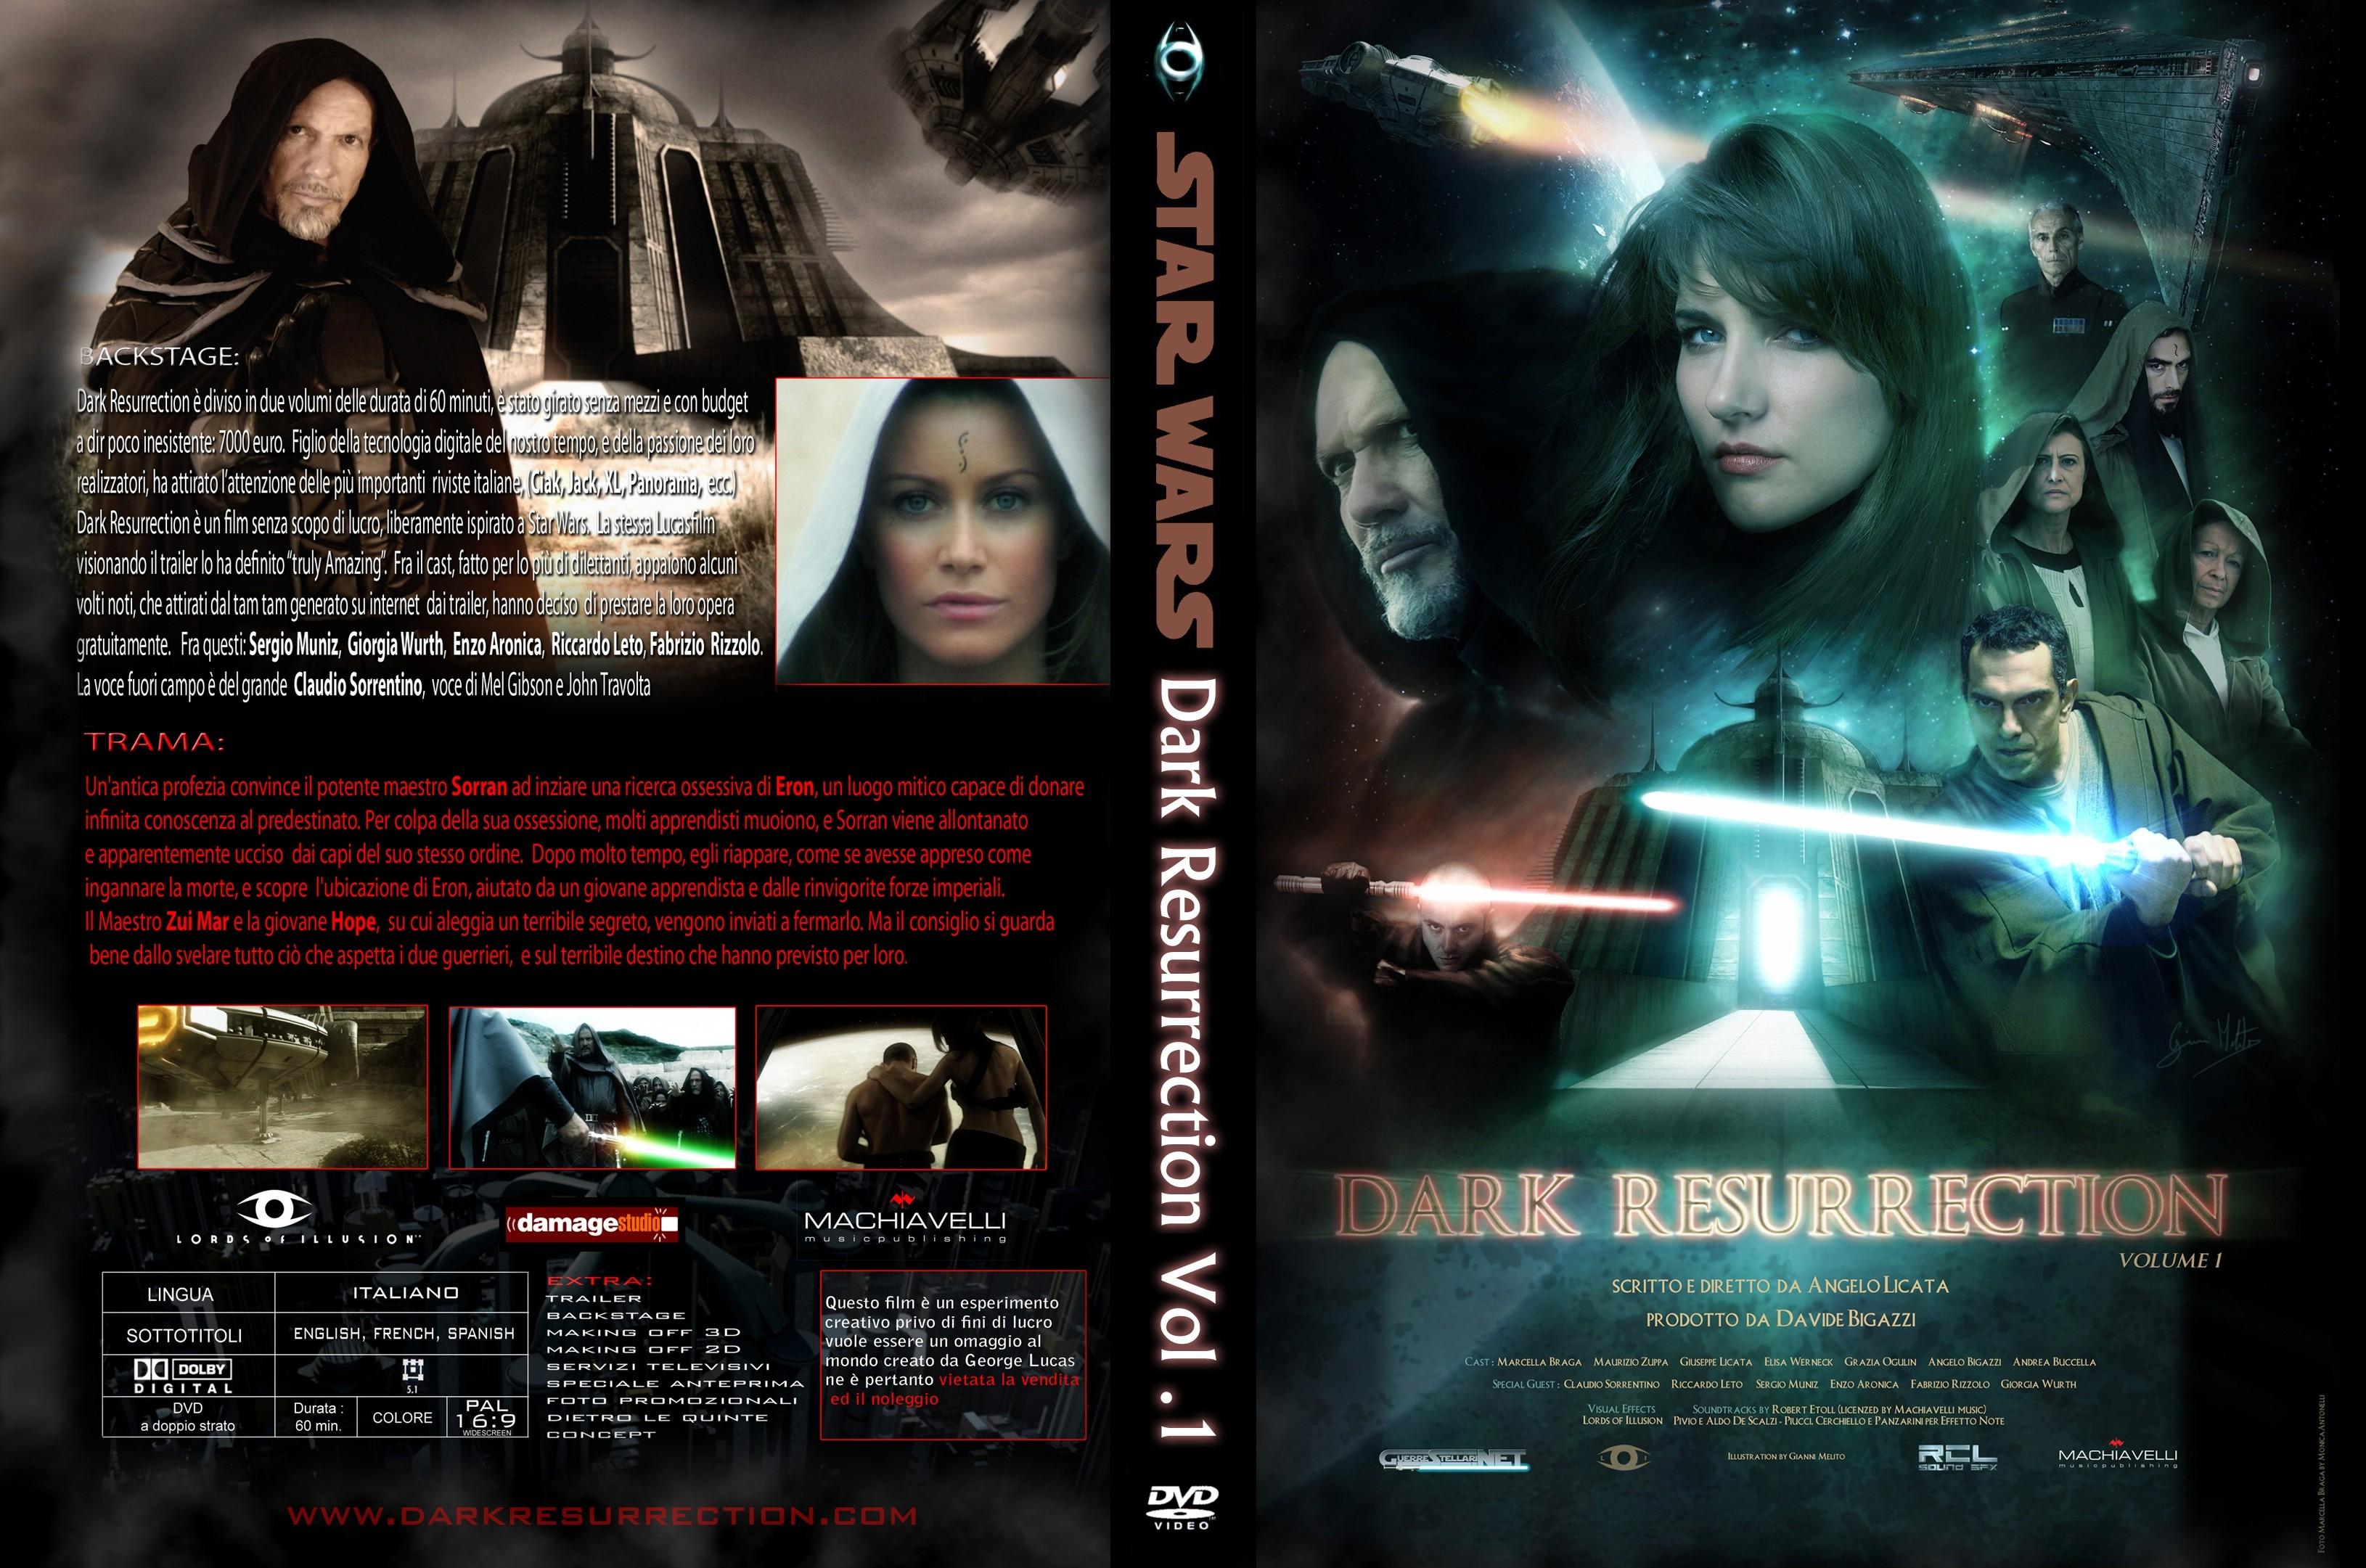 Star Wars Fan Film Star Wars Fan Films